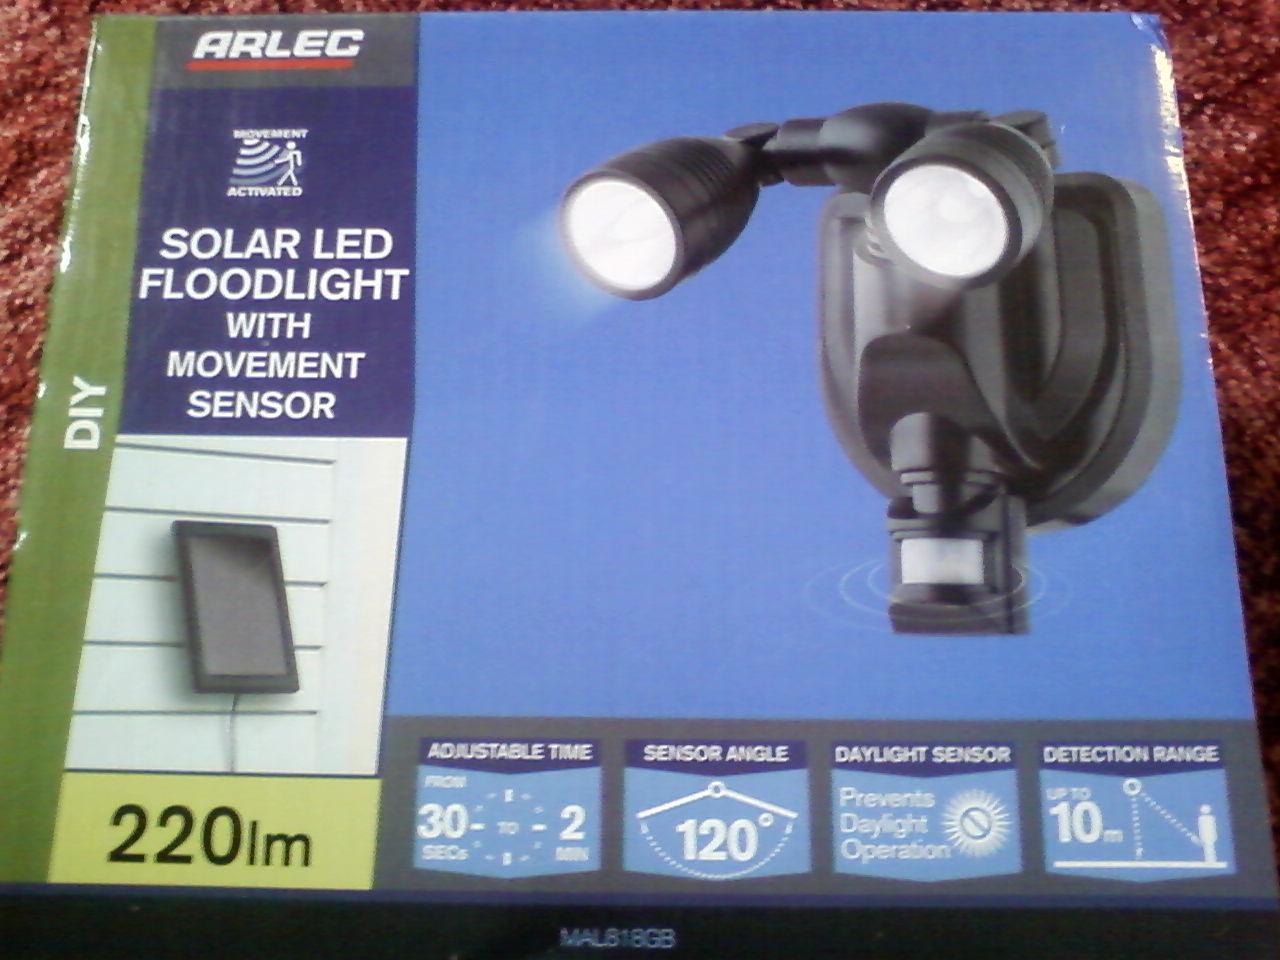 Arlec Solar Powered Led Twin Garden Light From Homebase - £4.50